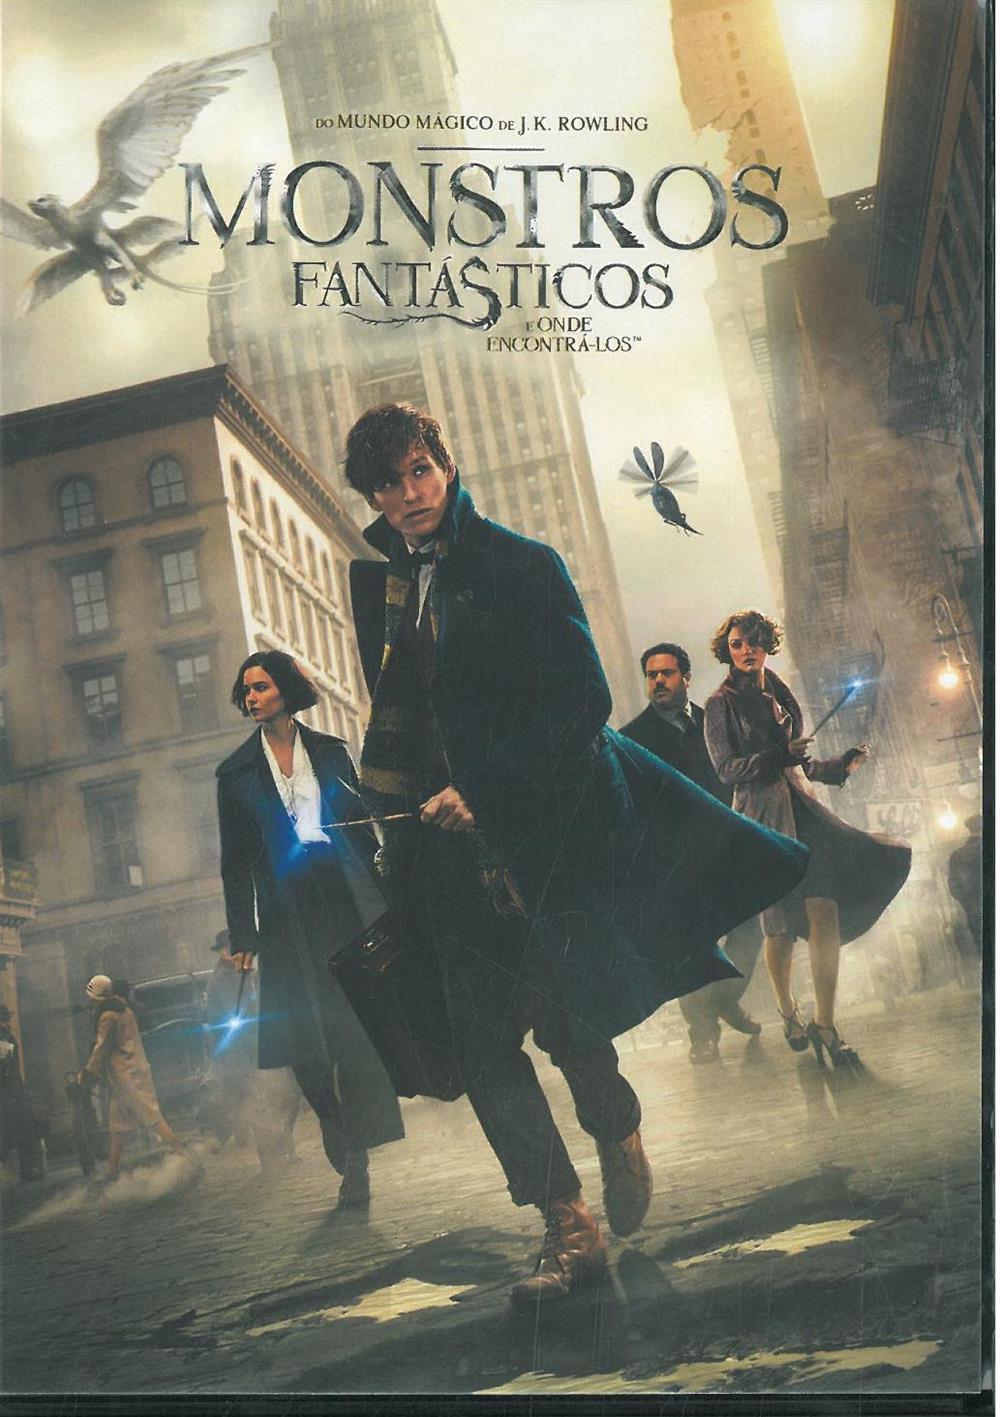 Monstros fantásticos e onde encontrá-los_DVD.jpg